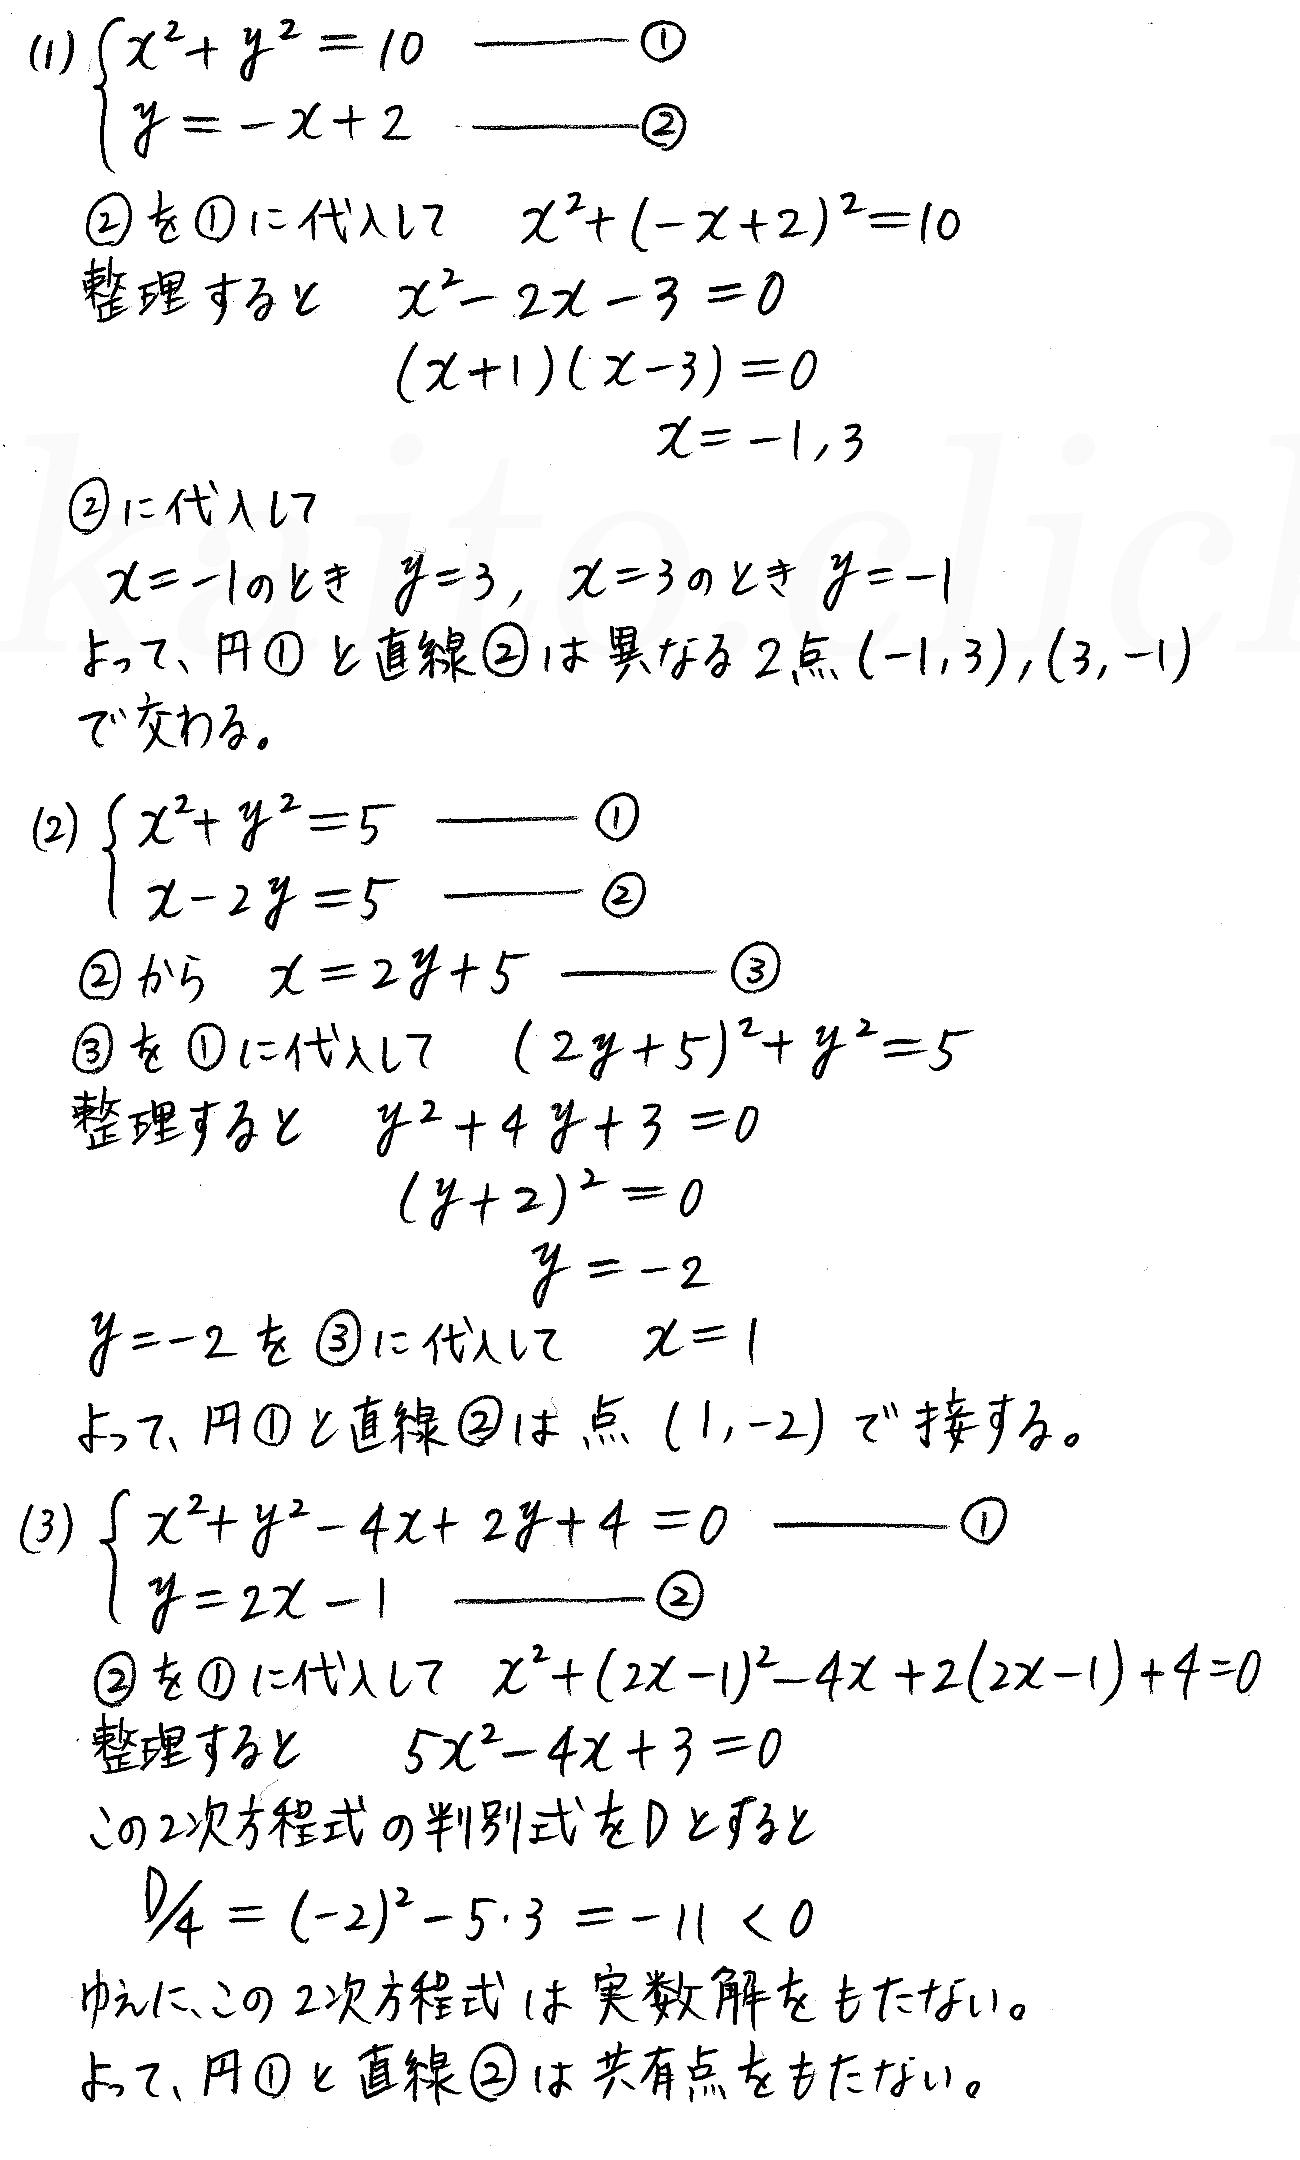 クリアー数学2-190解答